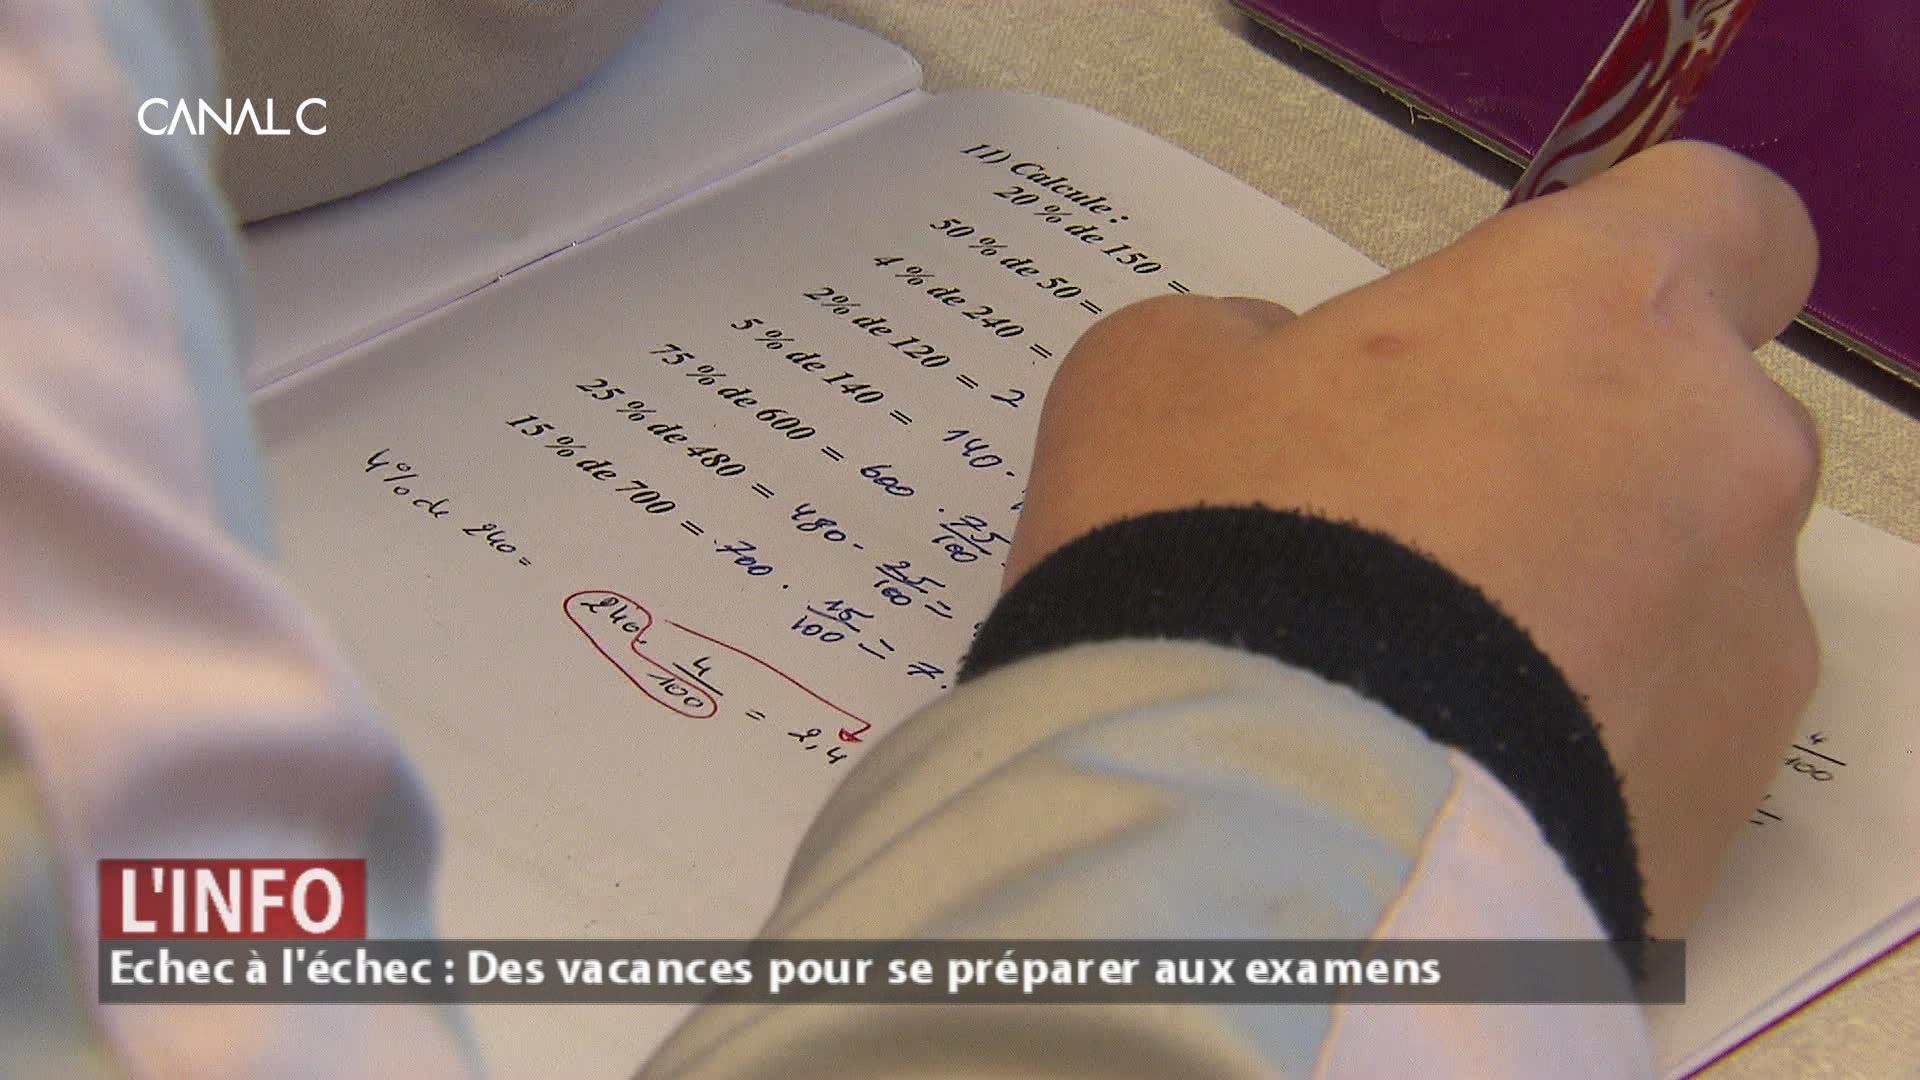 Echec à l'échec : des vacances pour se préparer aux examens